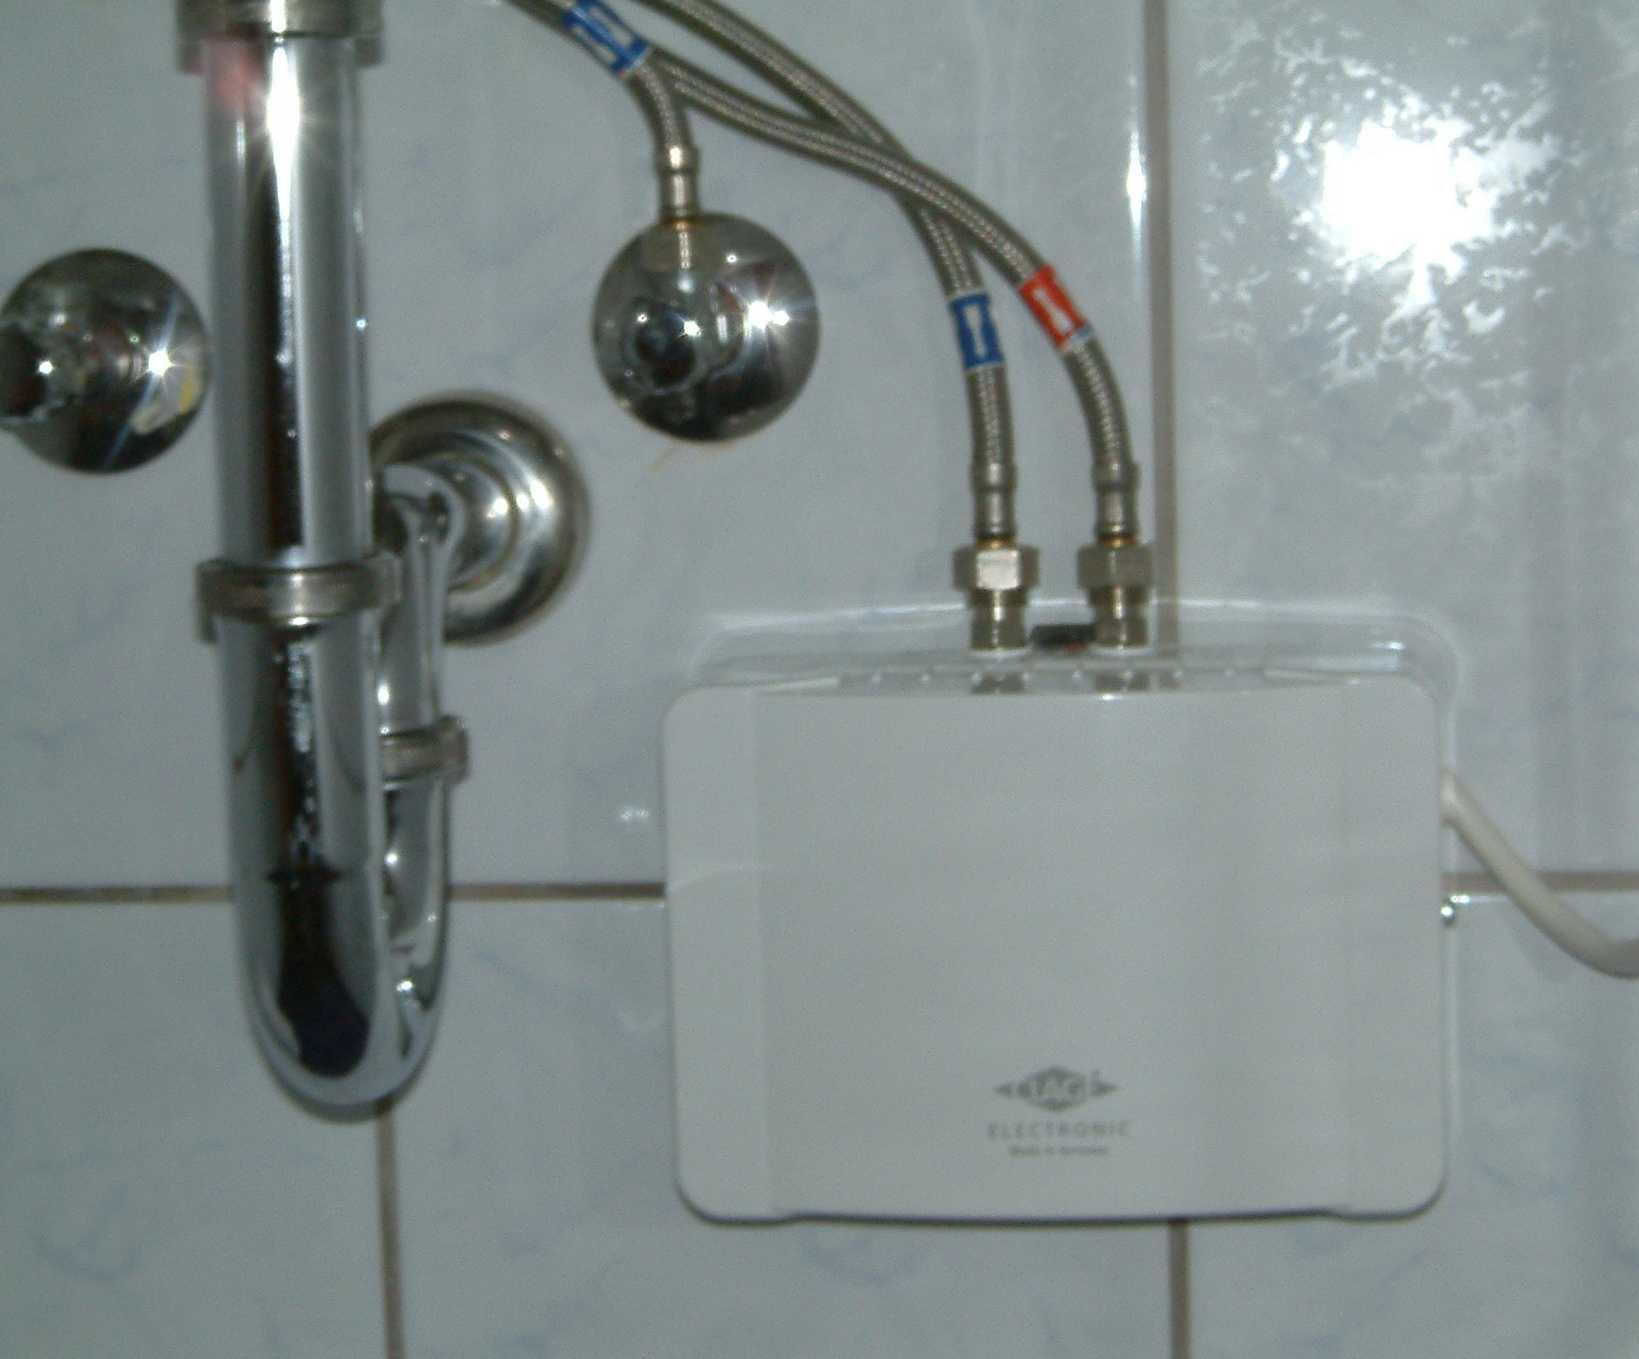 Durchlauferhitzer im Bad Worauf Sie achten mssen